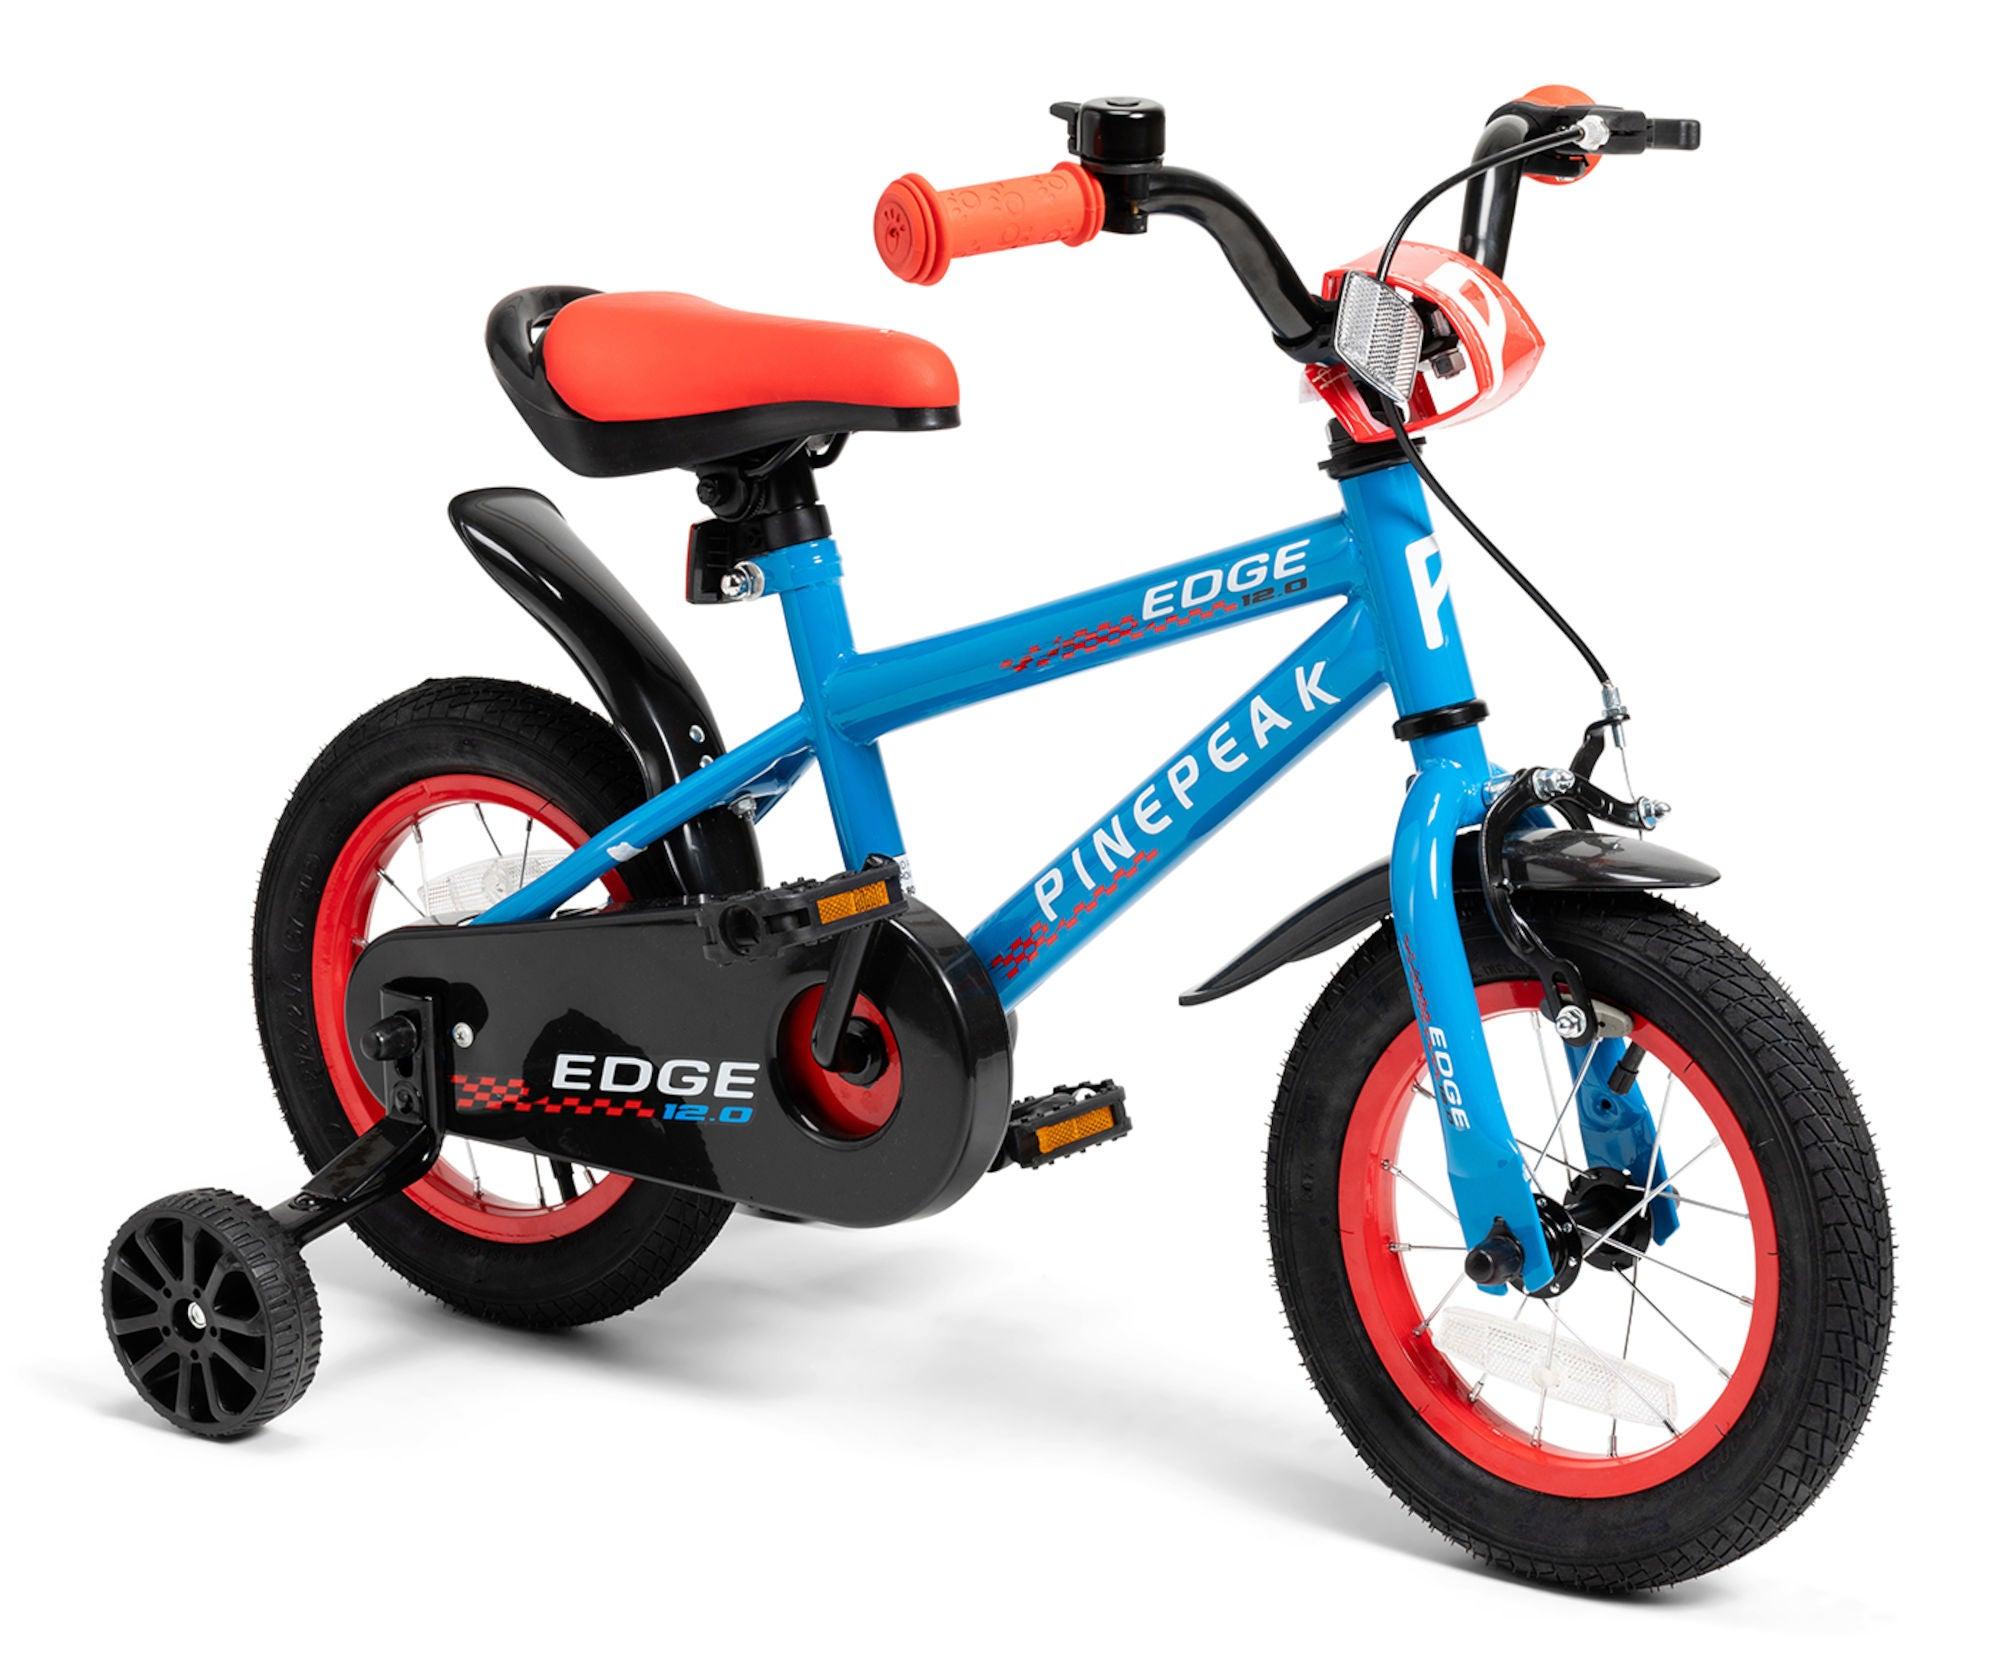 Pinepeak Premium Edge 12 tommer, Blå/Rød | City-cykler